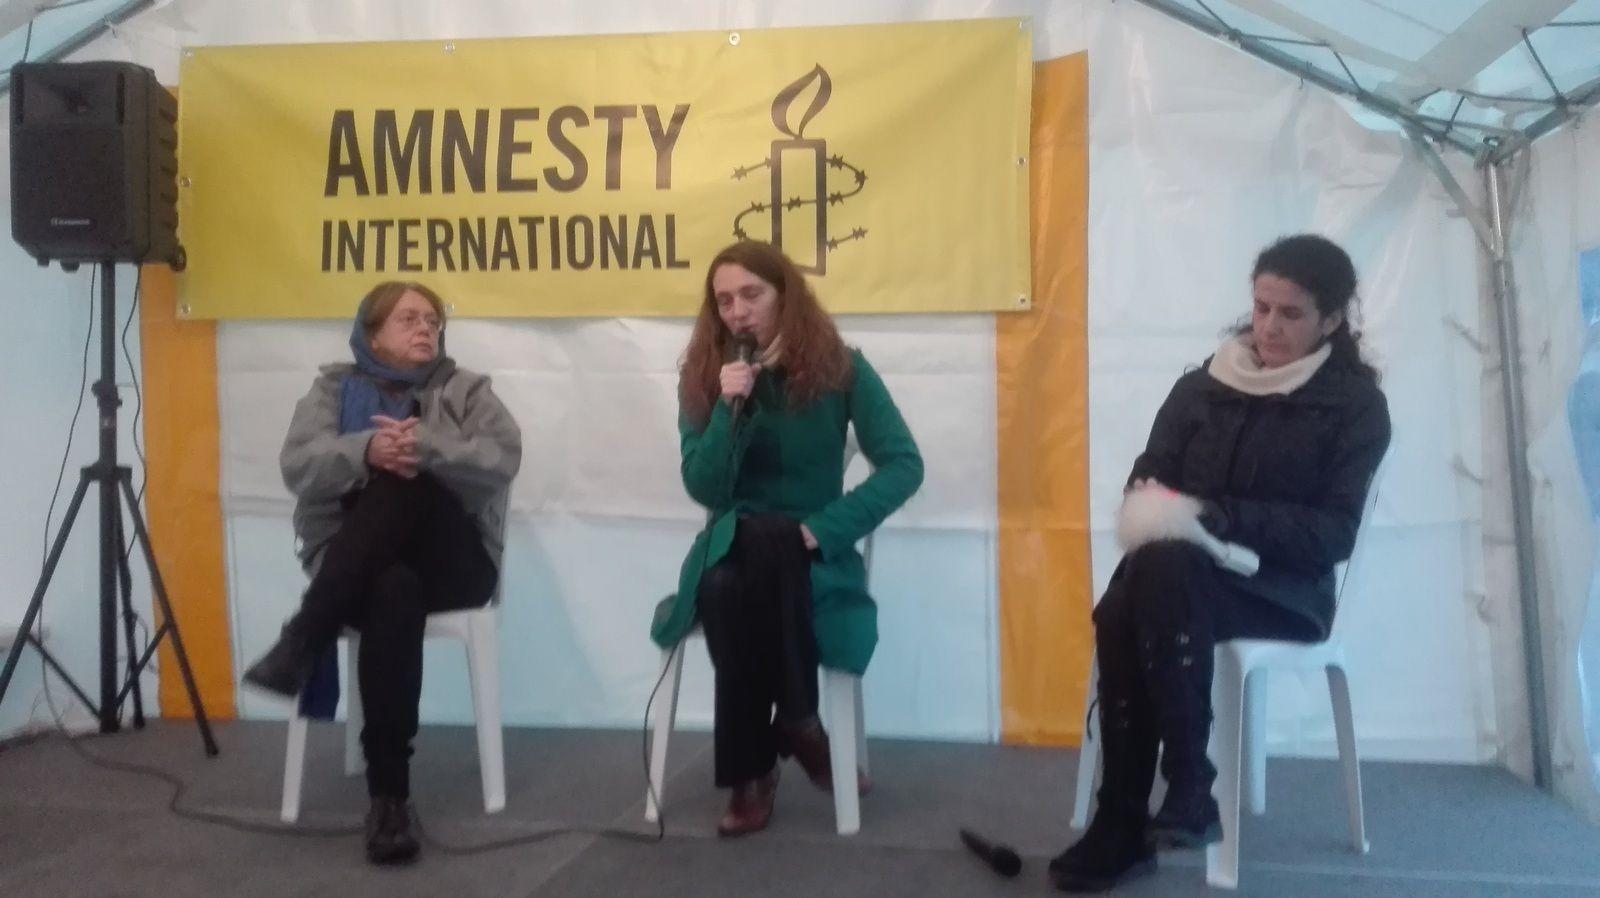 10 jours signer: Amnesty International à la place de la bataille à Paris pour mobiliser et sensibiliser sur les atteintes aux droits humains dans le monde